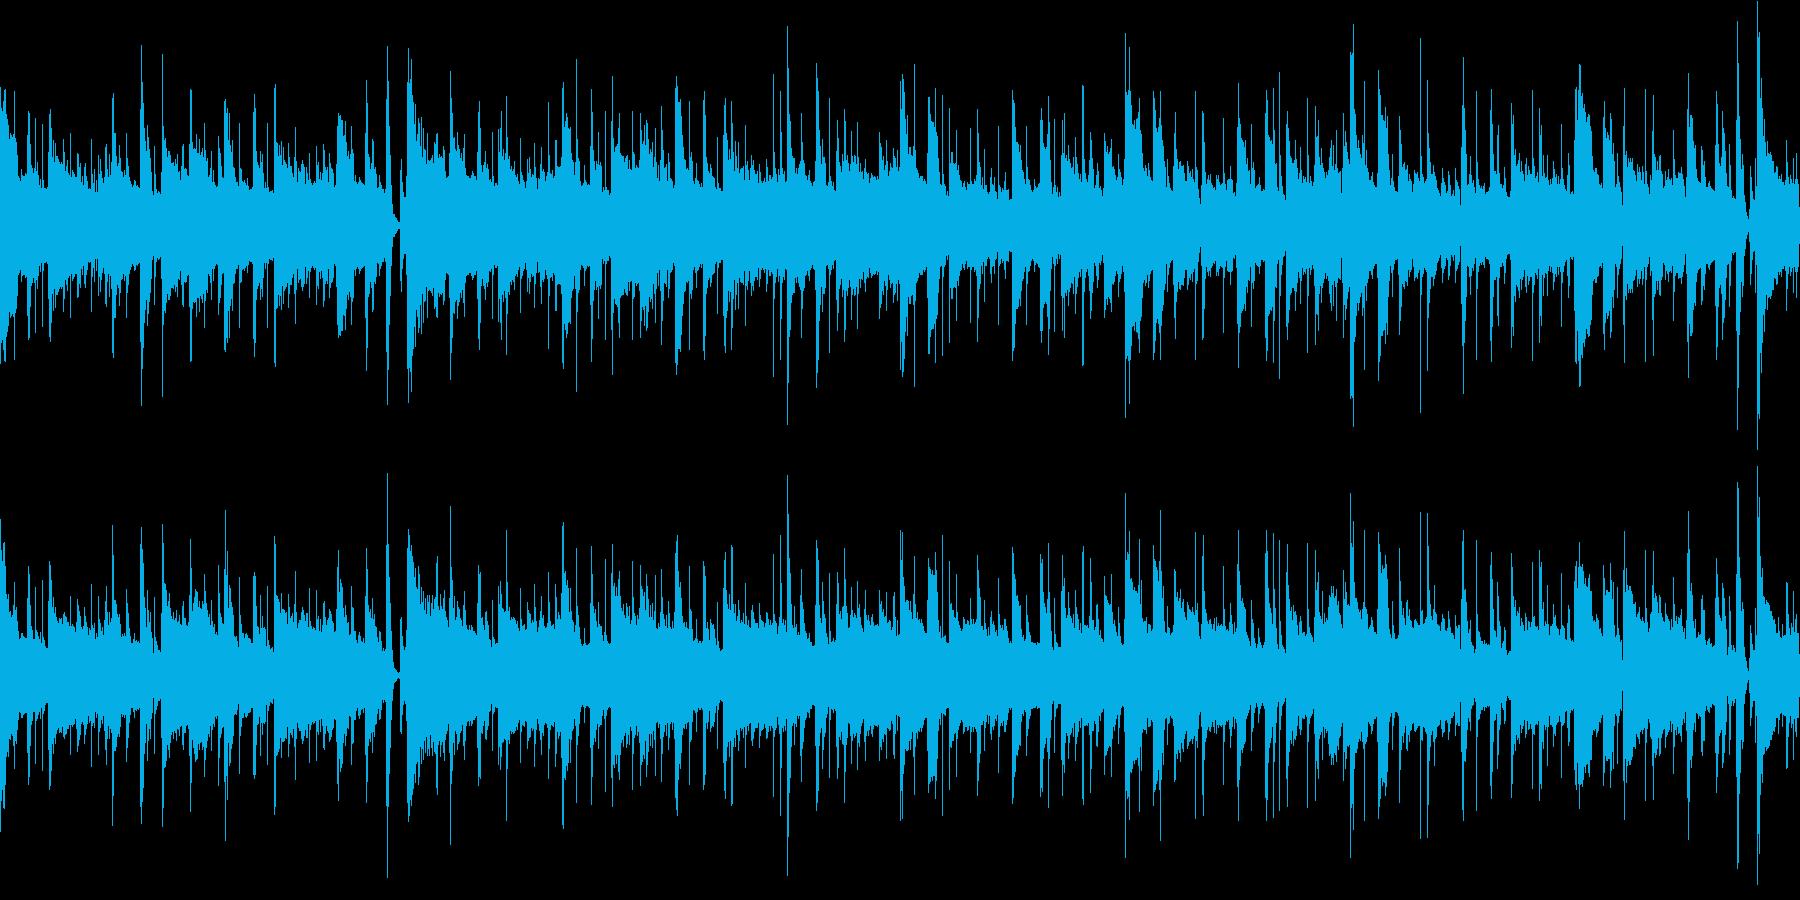 ほのぼのした雰囲気のボサノヴァ曲2の再生済みの波形